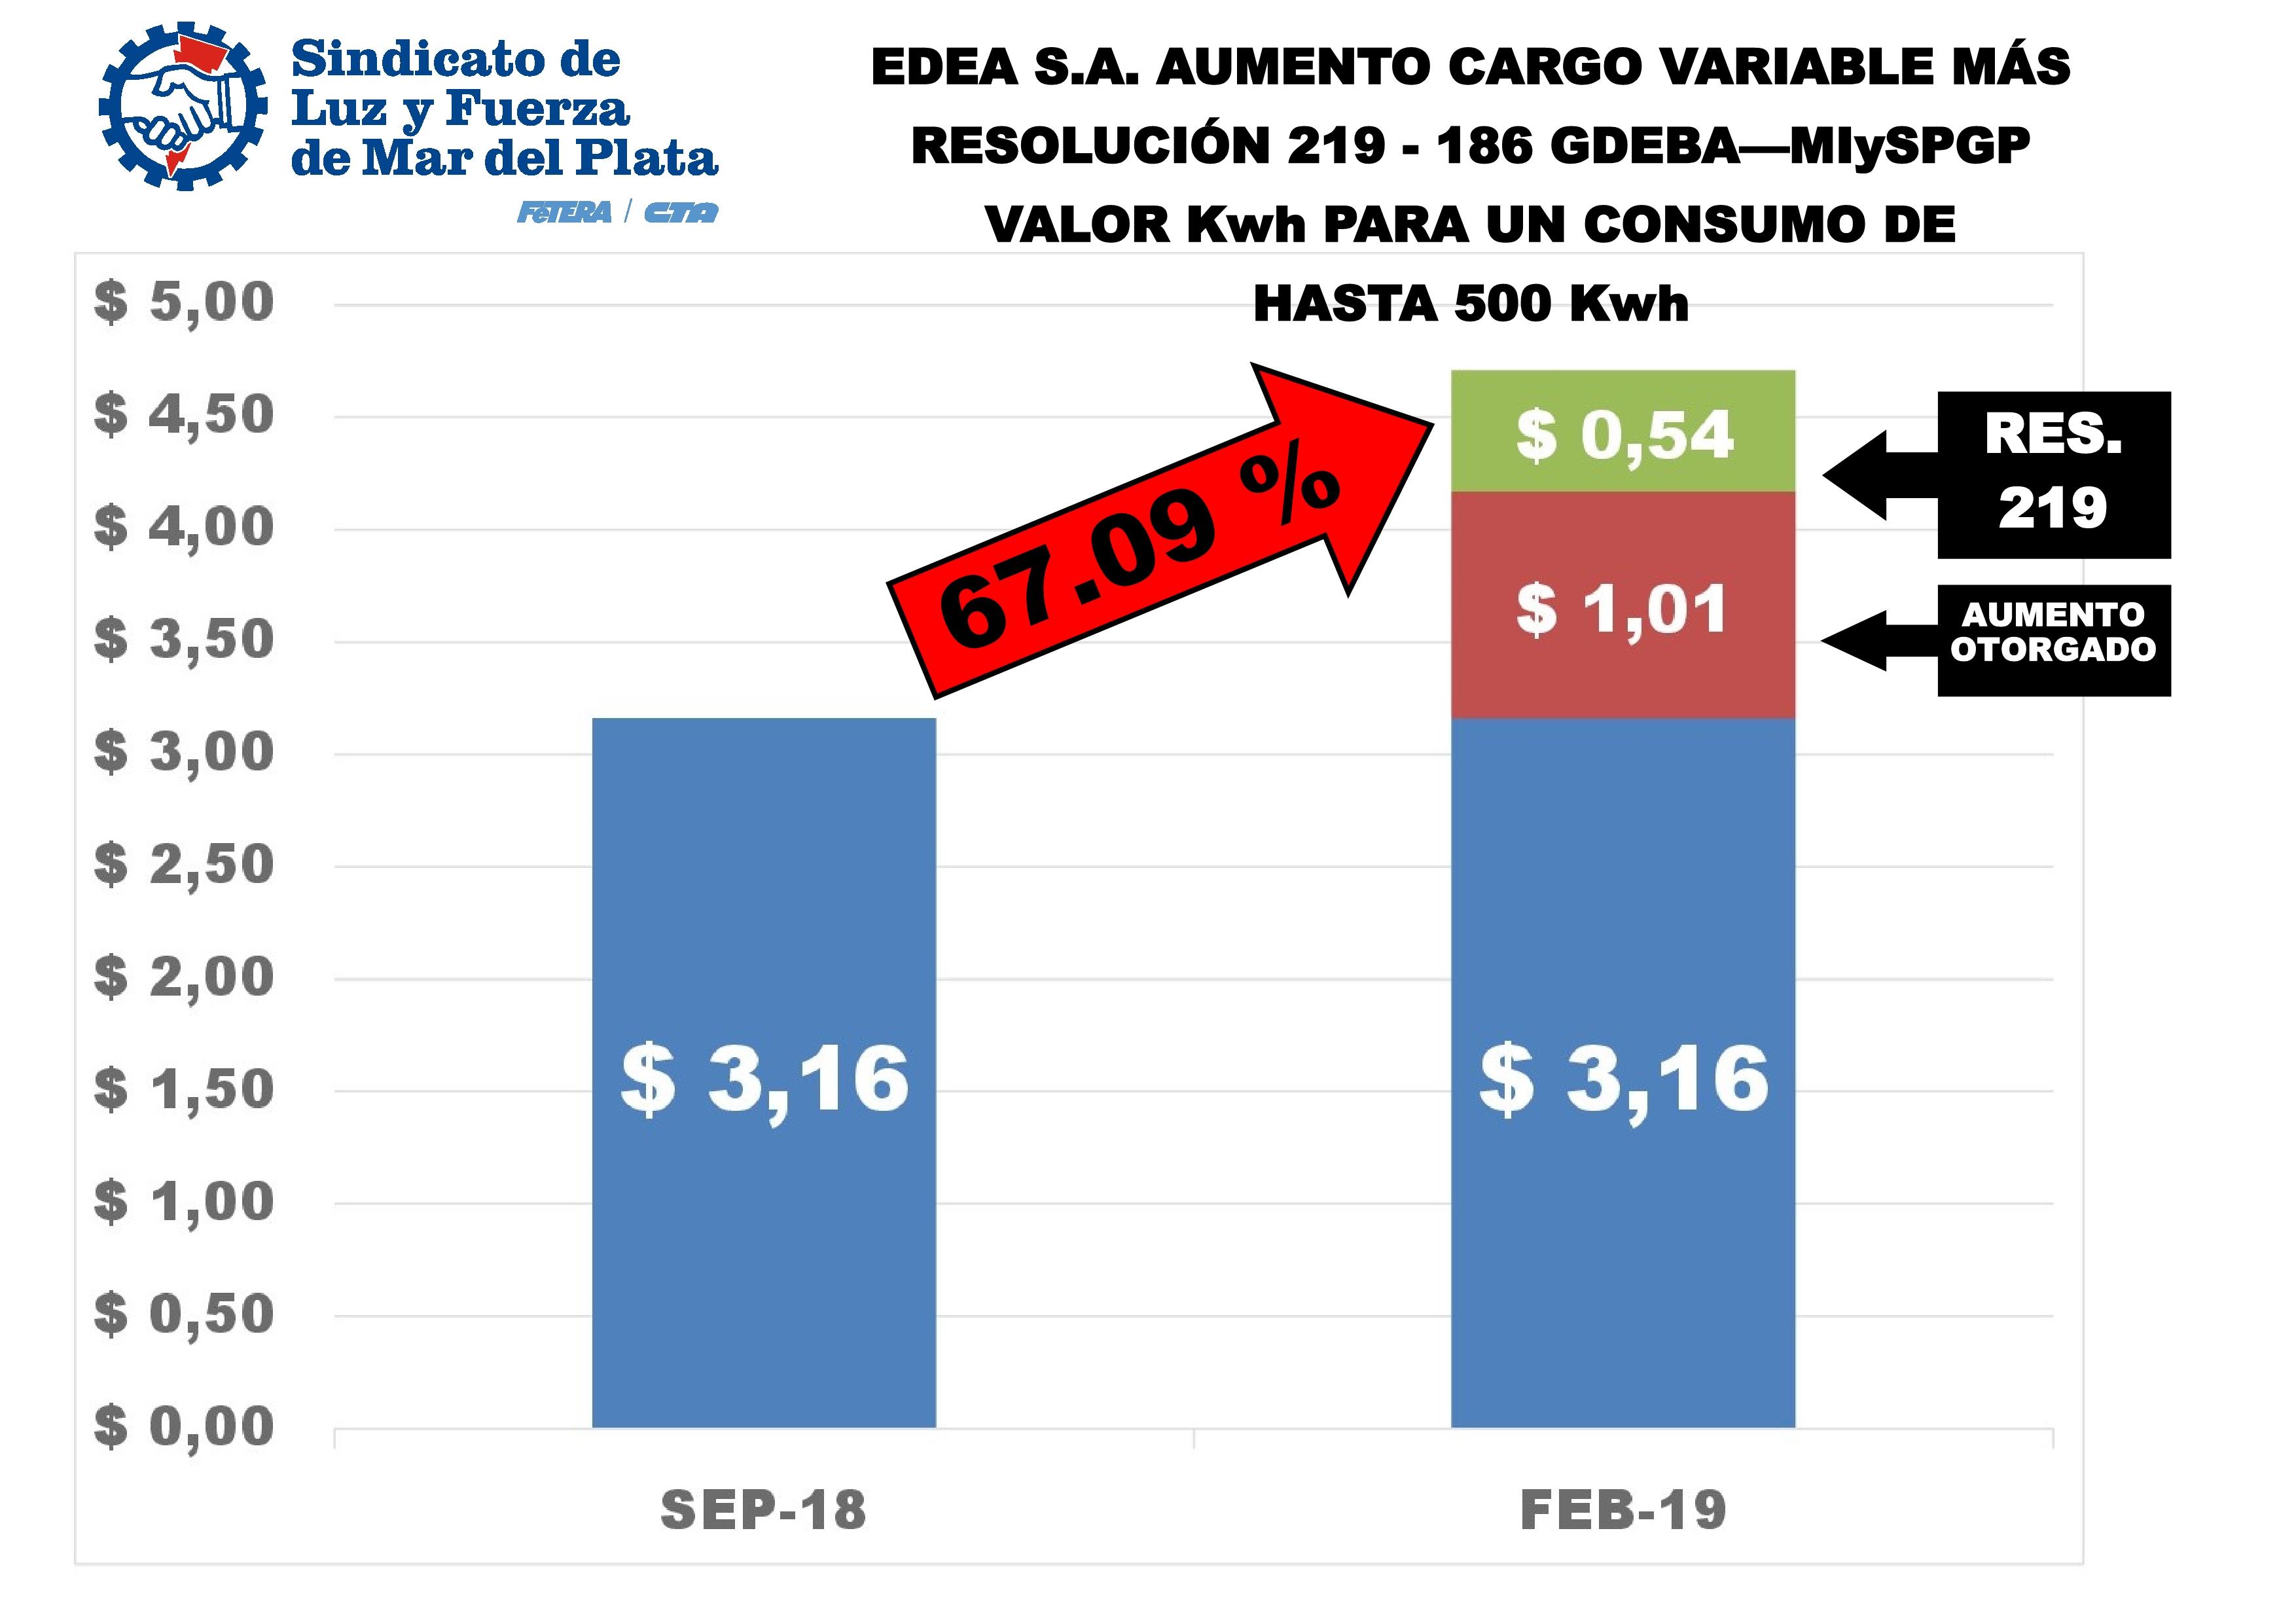 EL ORGANISMO DE CONTROL OBLIGA A EDEA S.A. A DEVOLVER EL DINERO MAL COBRADO A LOS USUARIOS